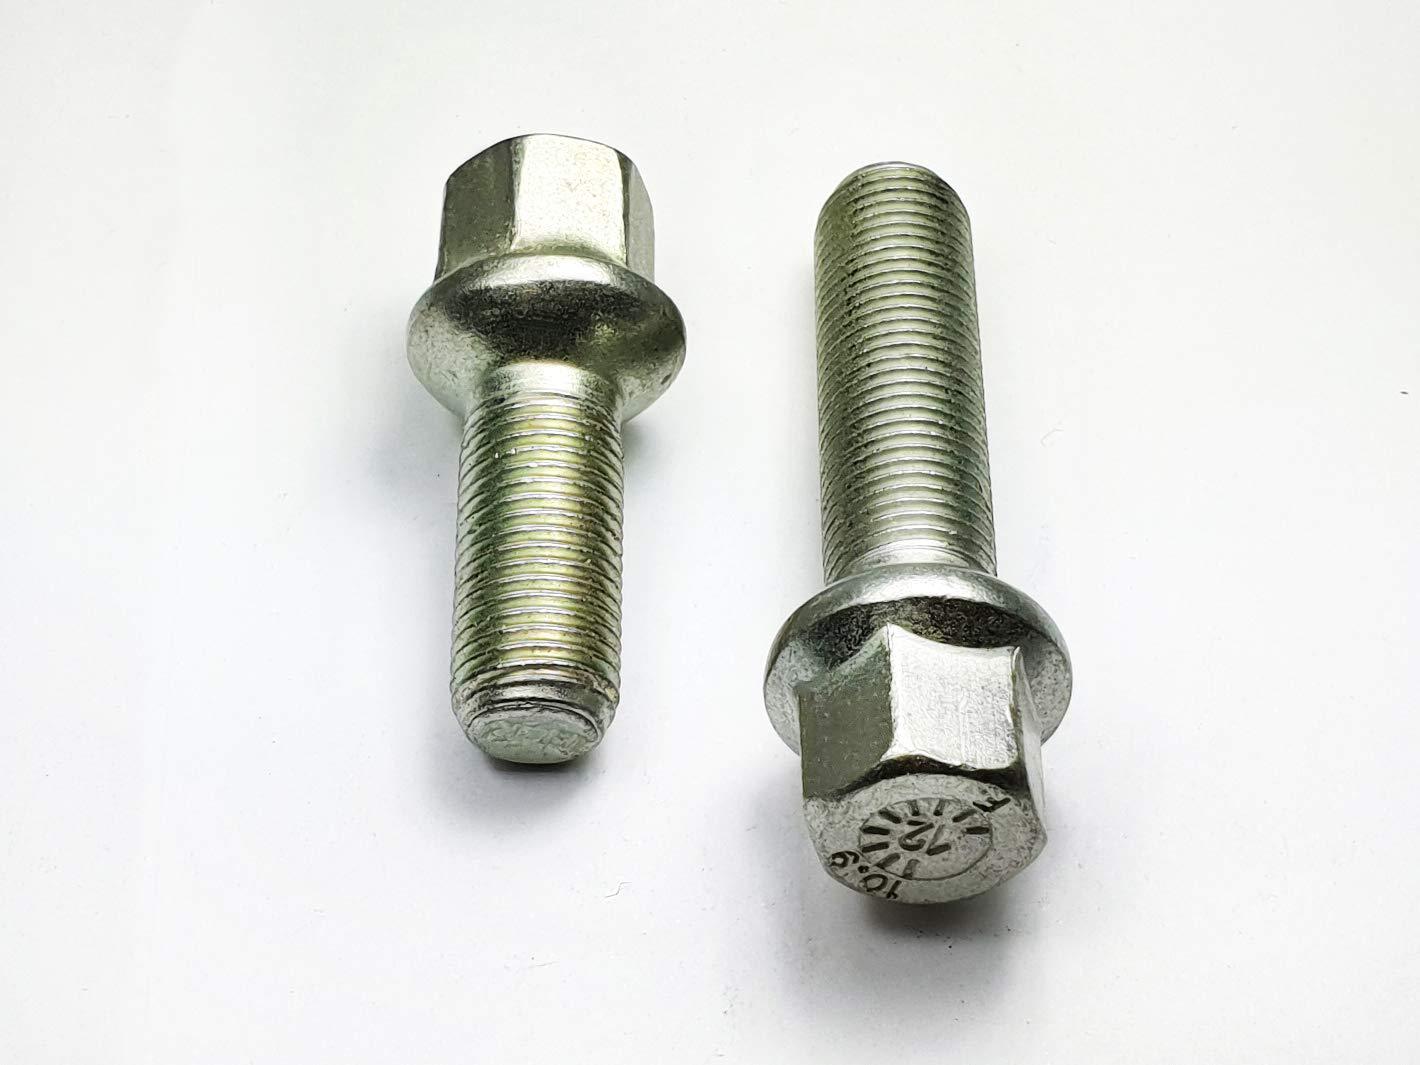 Gr/ö/ße: M14x1,5 40 mm Kugel R12 SONDERSCHRAUBE nicht passend bei ORIGINAL Felgen 20 Radschrauben Radbolzen M14x1,5 Kugel R12 d=24mm